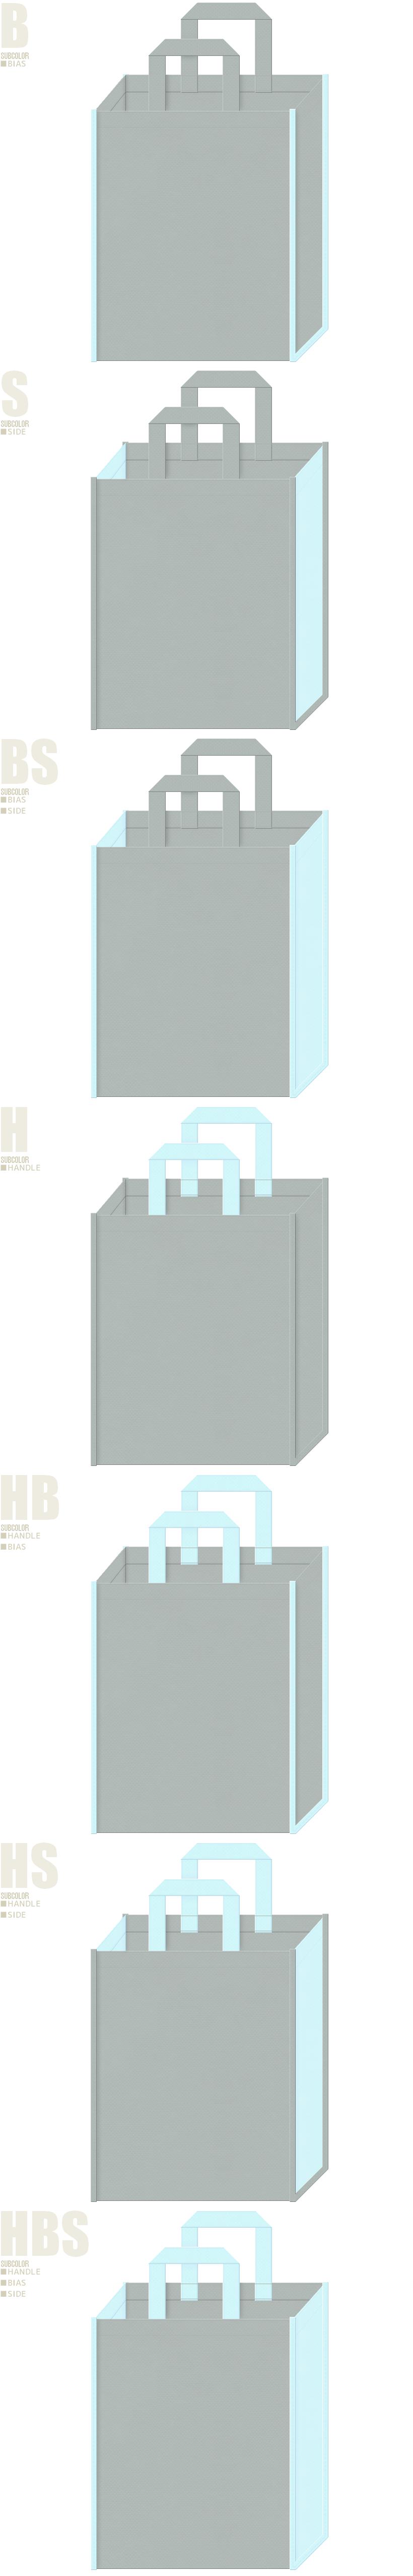 給排水設備の展示会用バッグにお奨めの、グレー色と水色-7パターンの不織布トートバッグ配色デザイン例